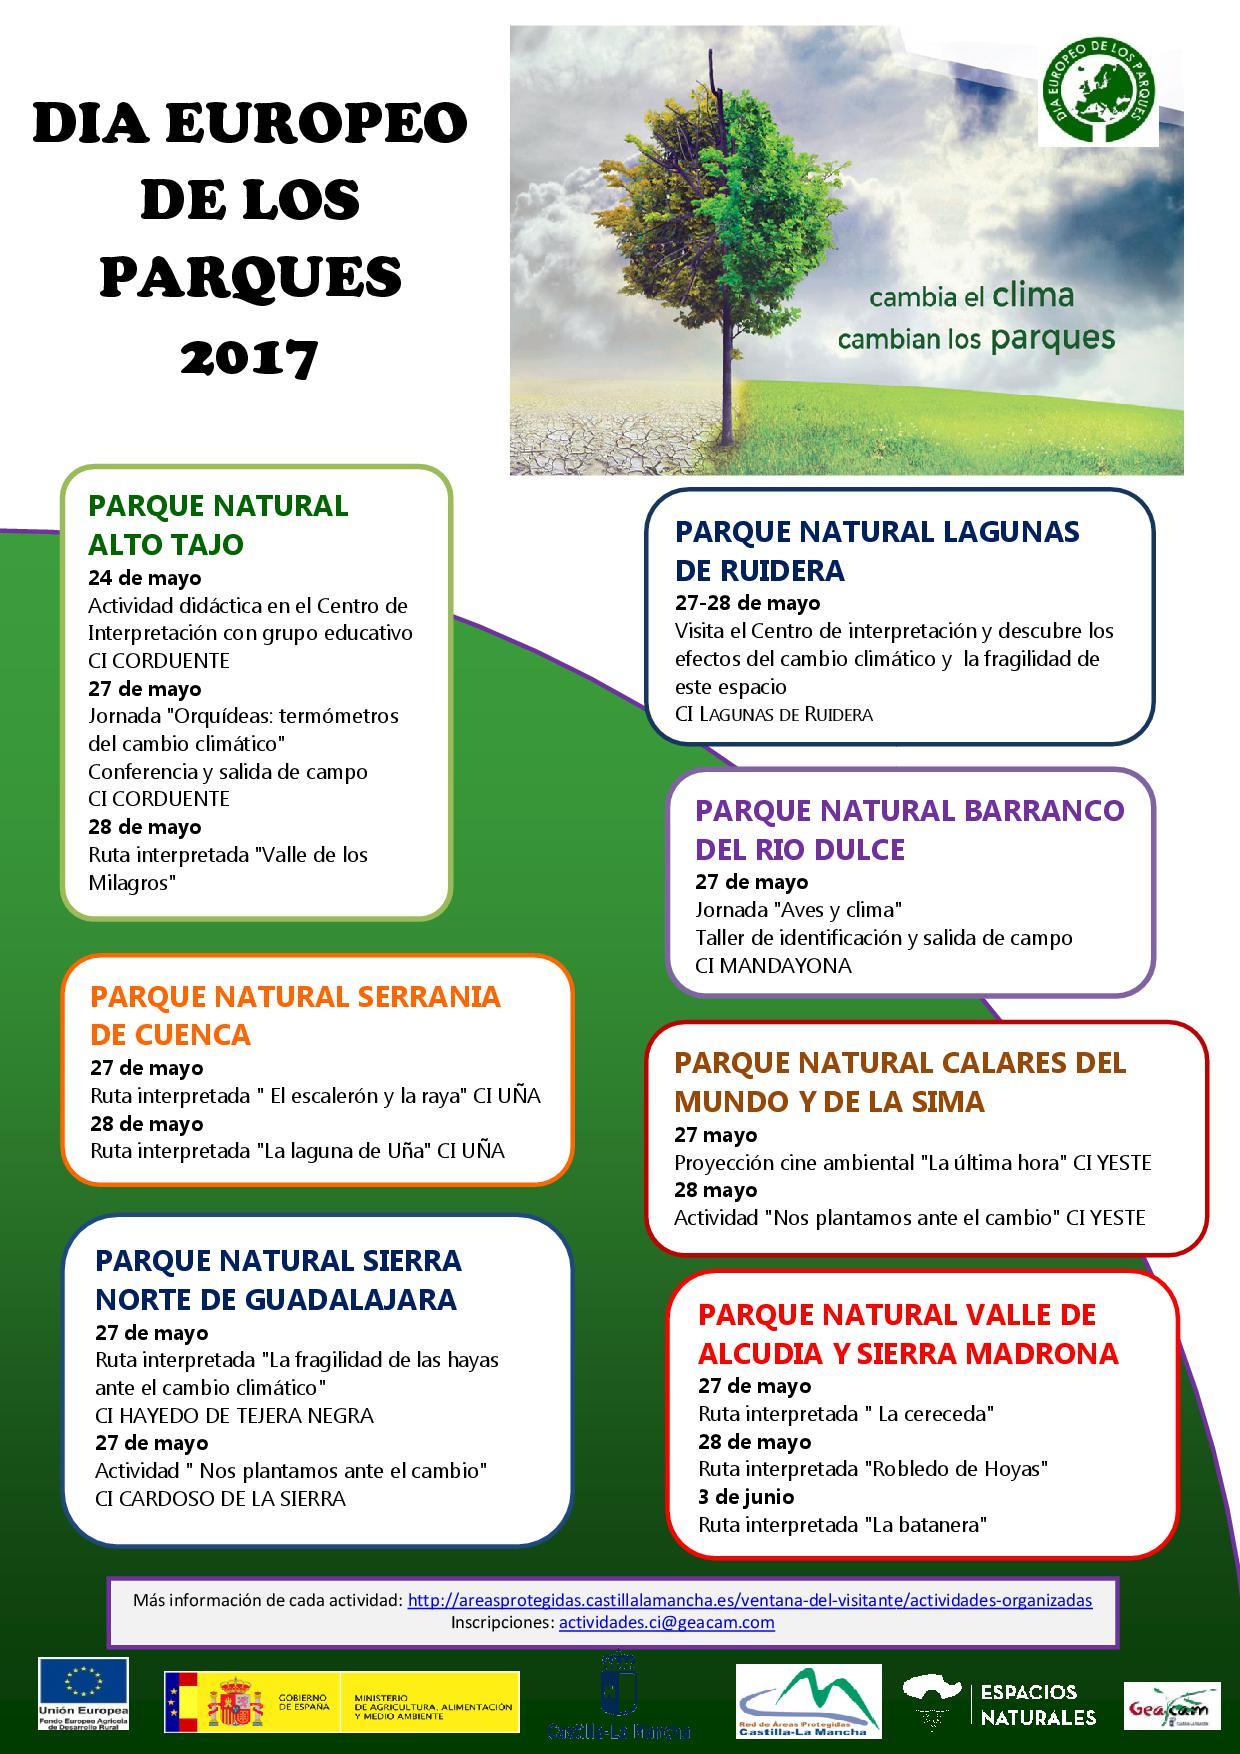 Cartel DIA EUROPEO DE LOS PARQUES